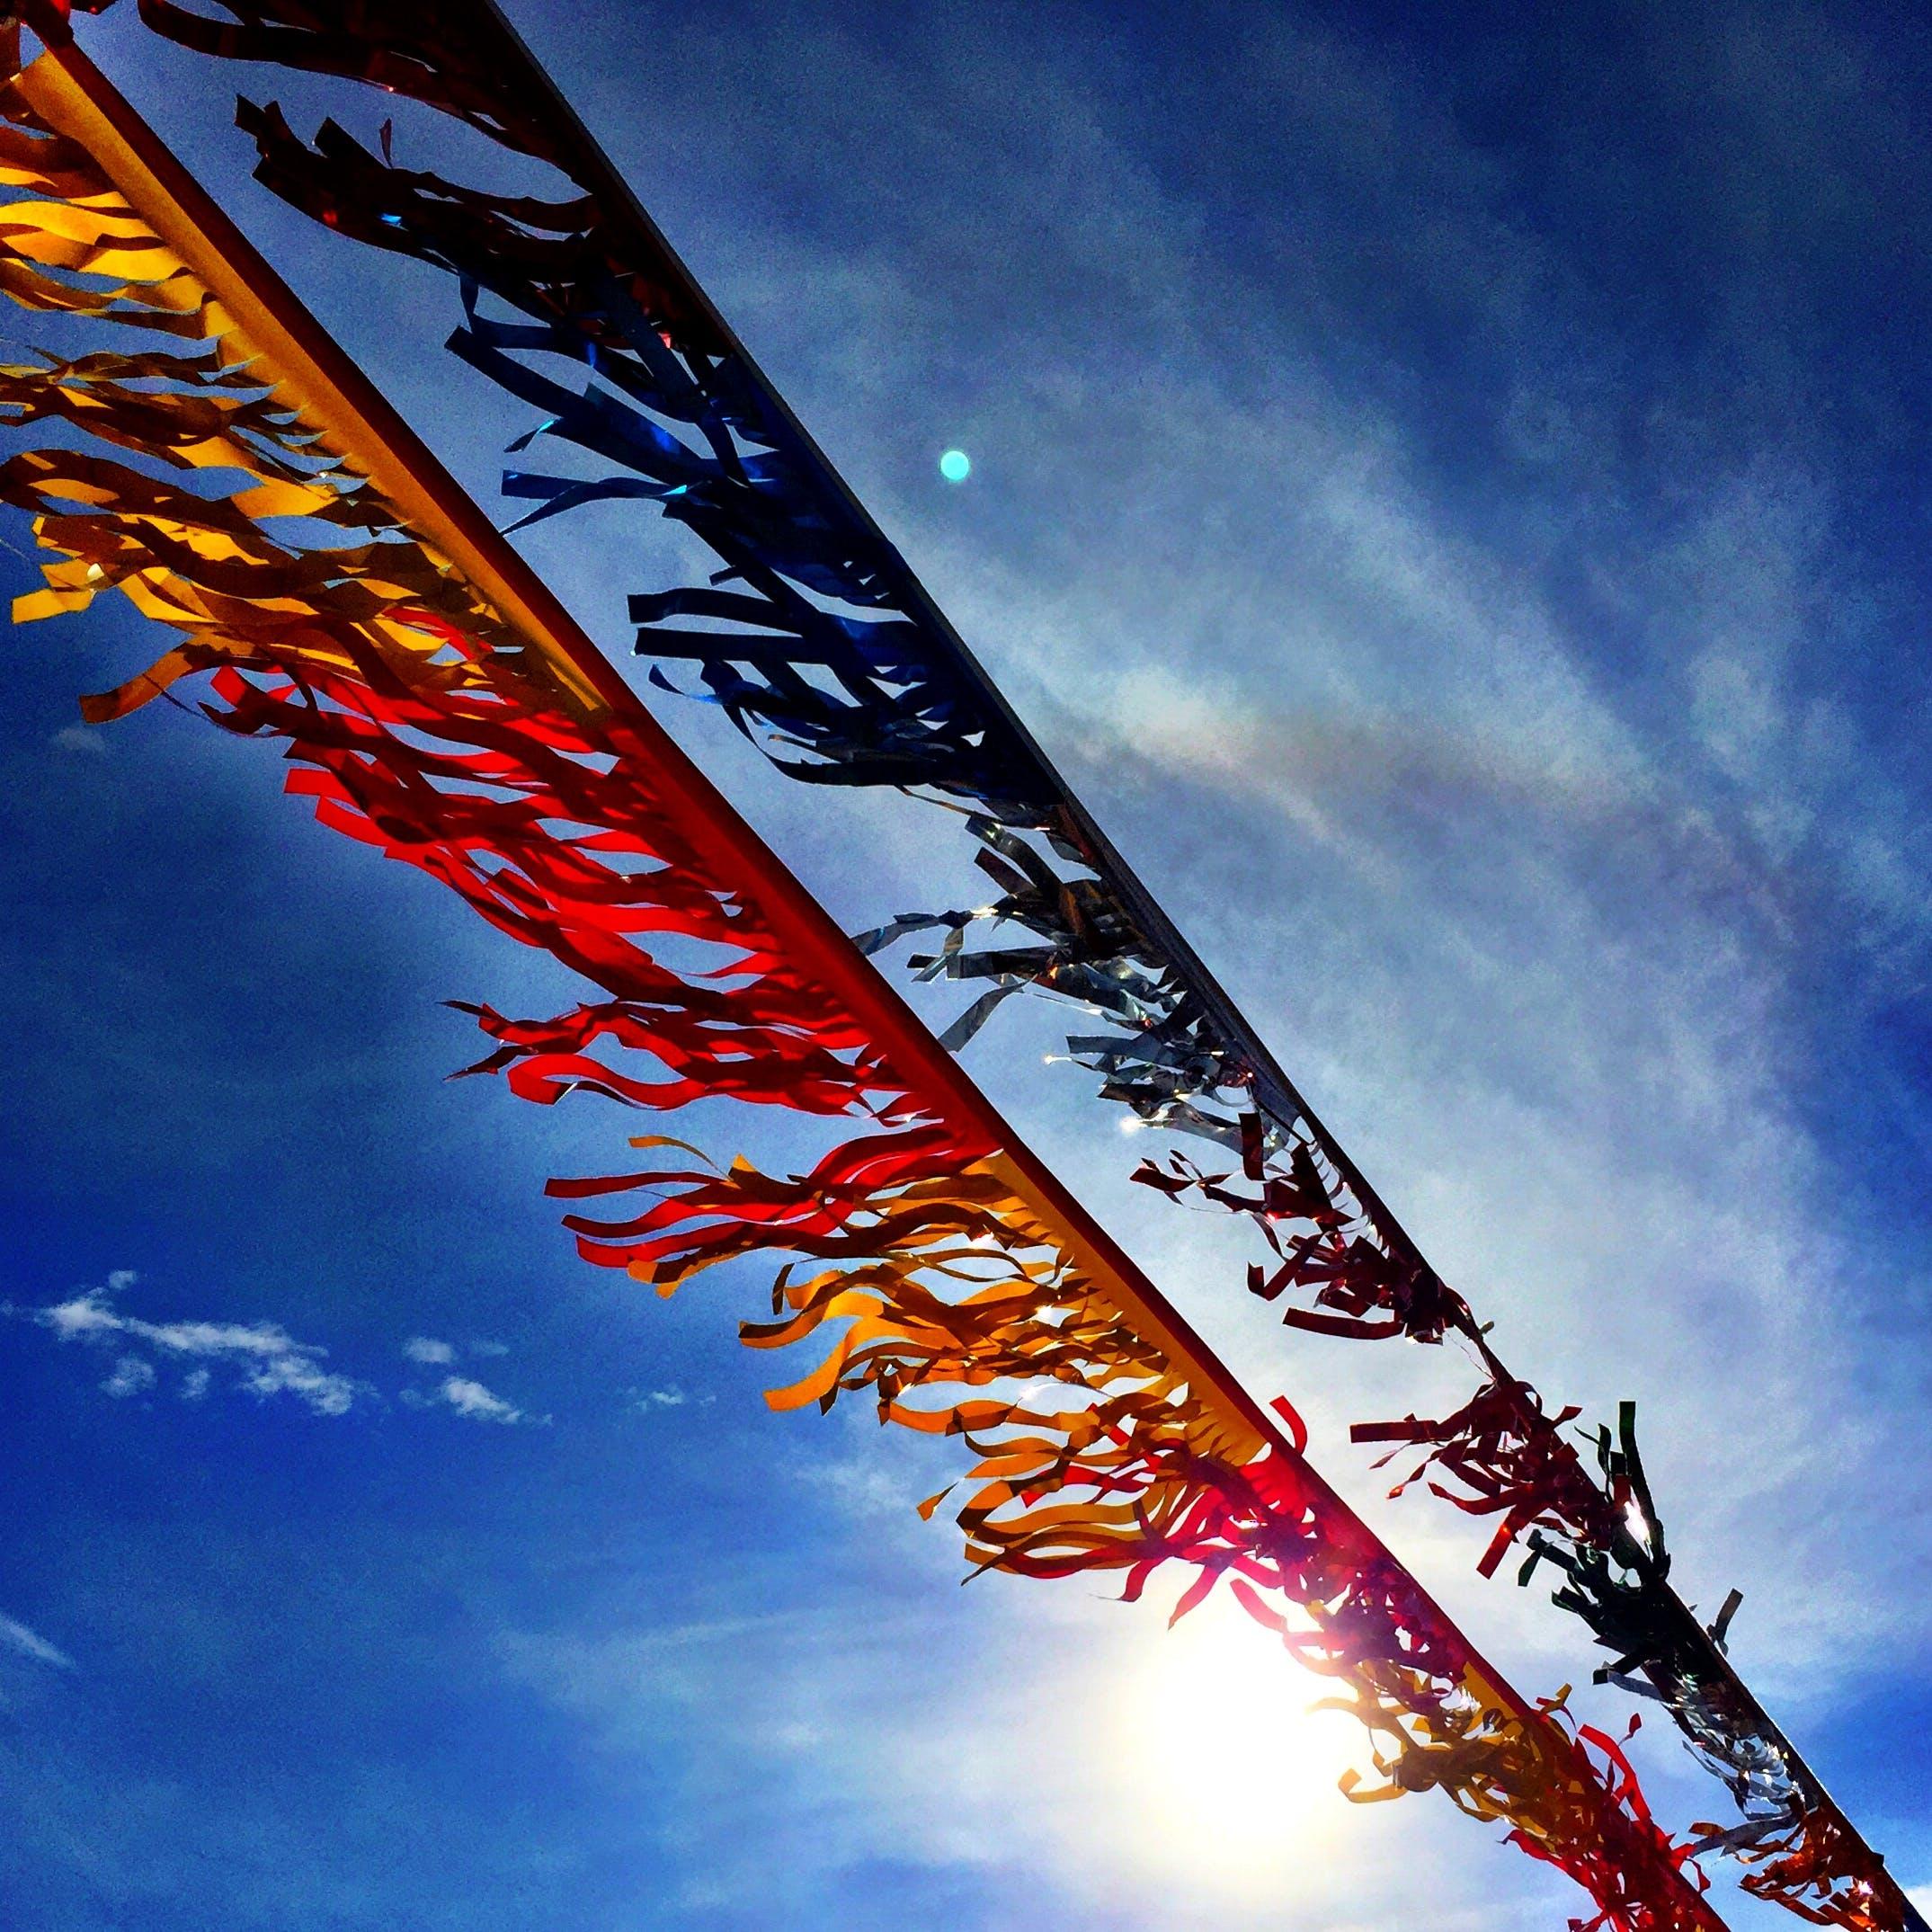 Δωρεάν στοκ φωτογραφιών με ανεμώδης, γαλάζιος ουρανός, γραφικός, ημέρα